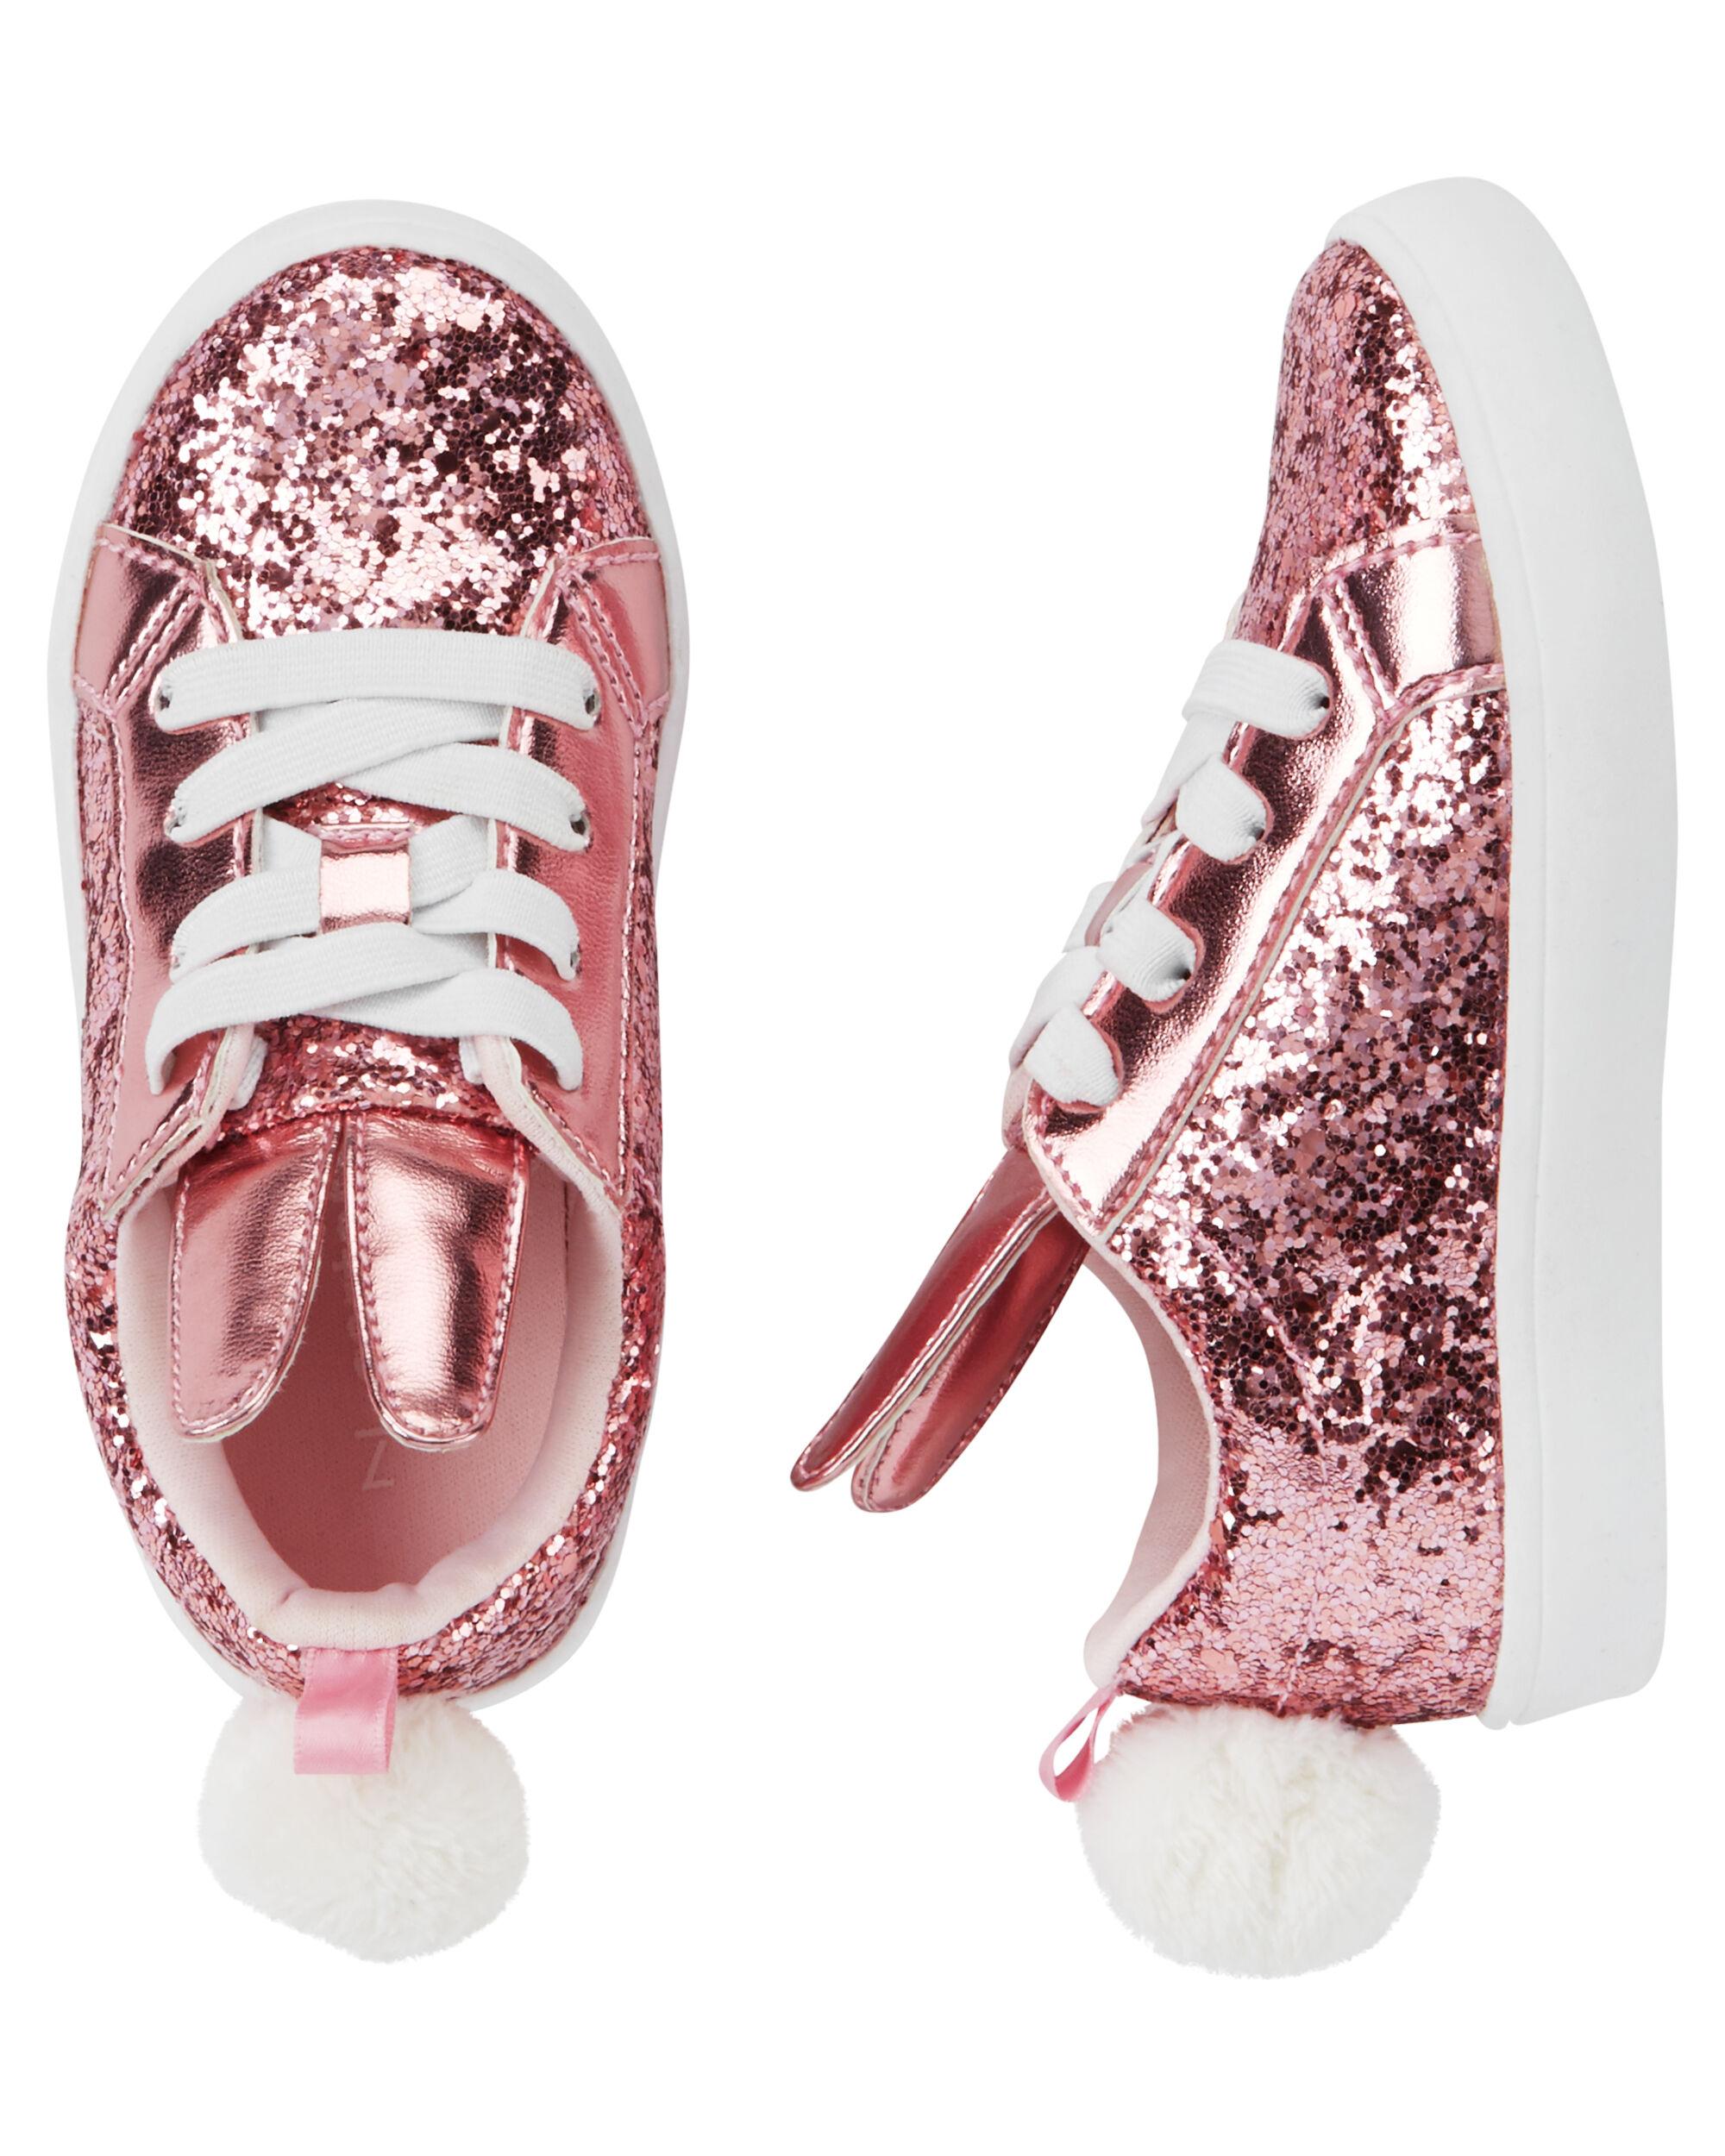 Carter's Bunny Sneakers | carters.com